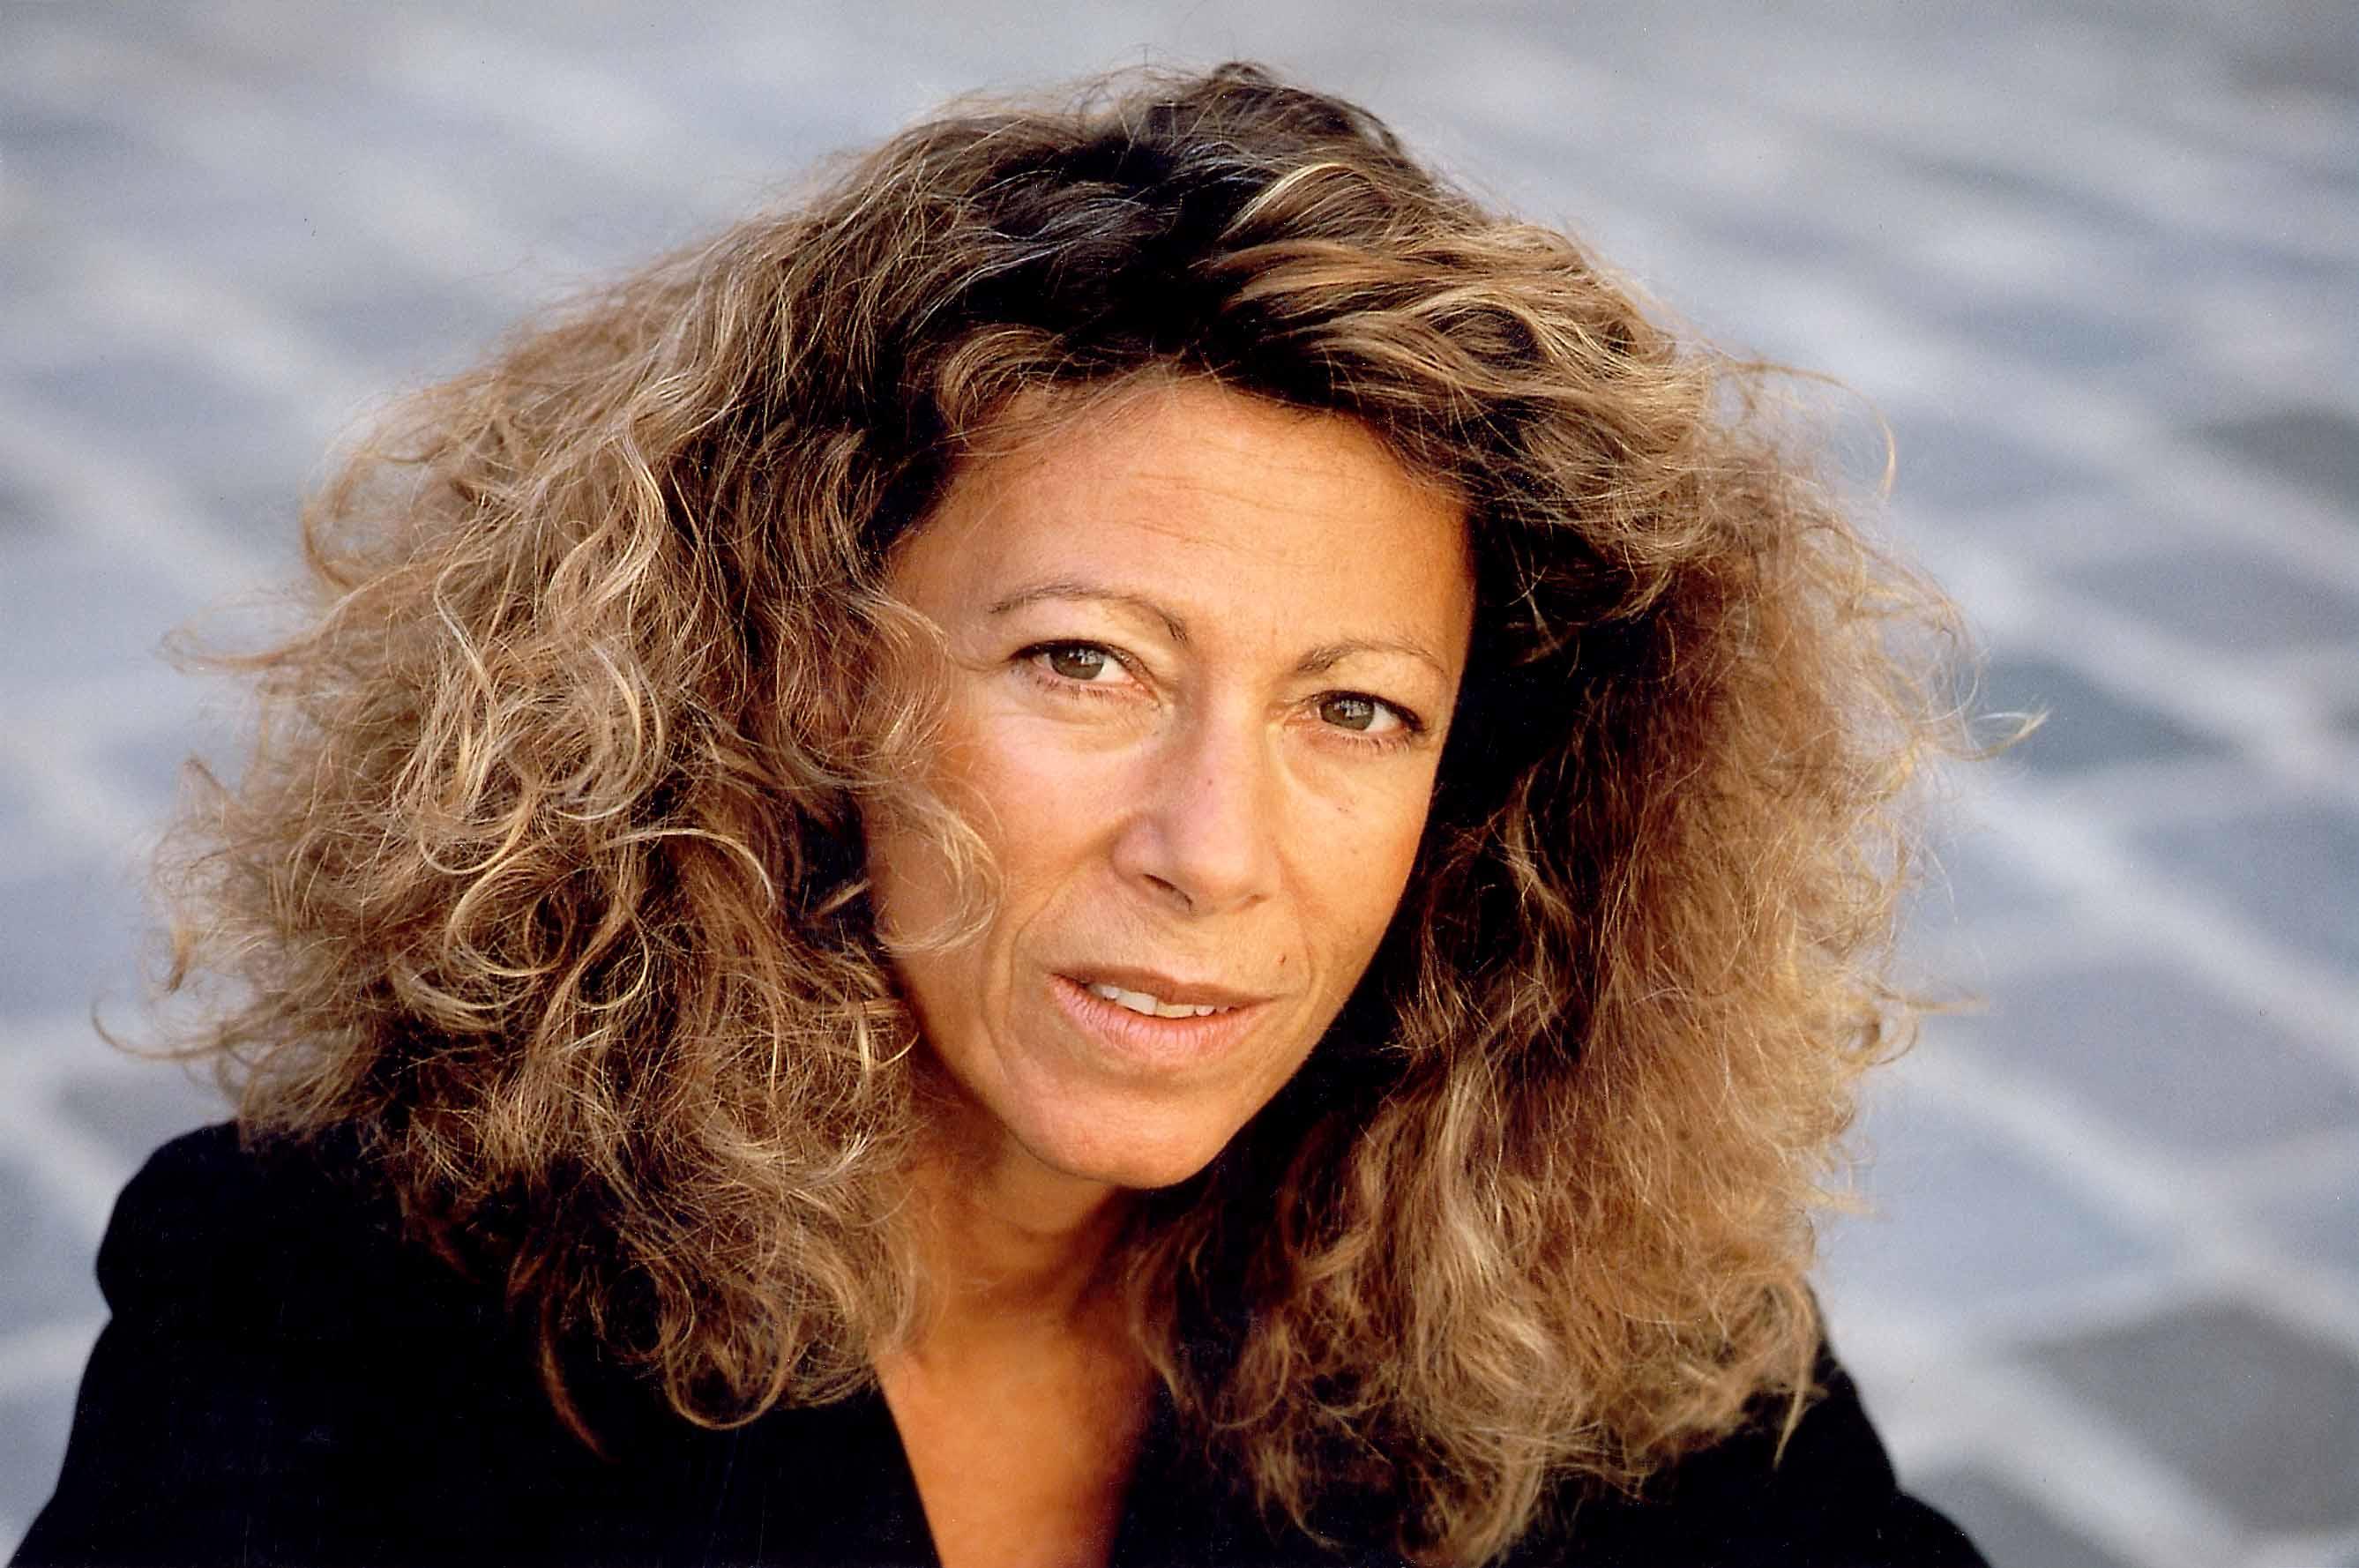 Barbara Cassin : Troisième femme médaille d'or du CNRS 2018 en 5 ans